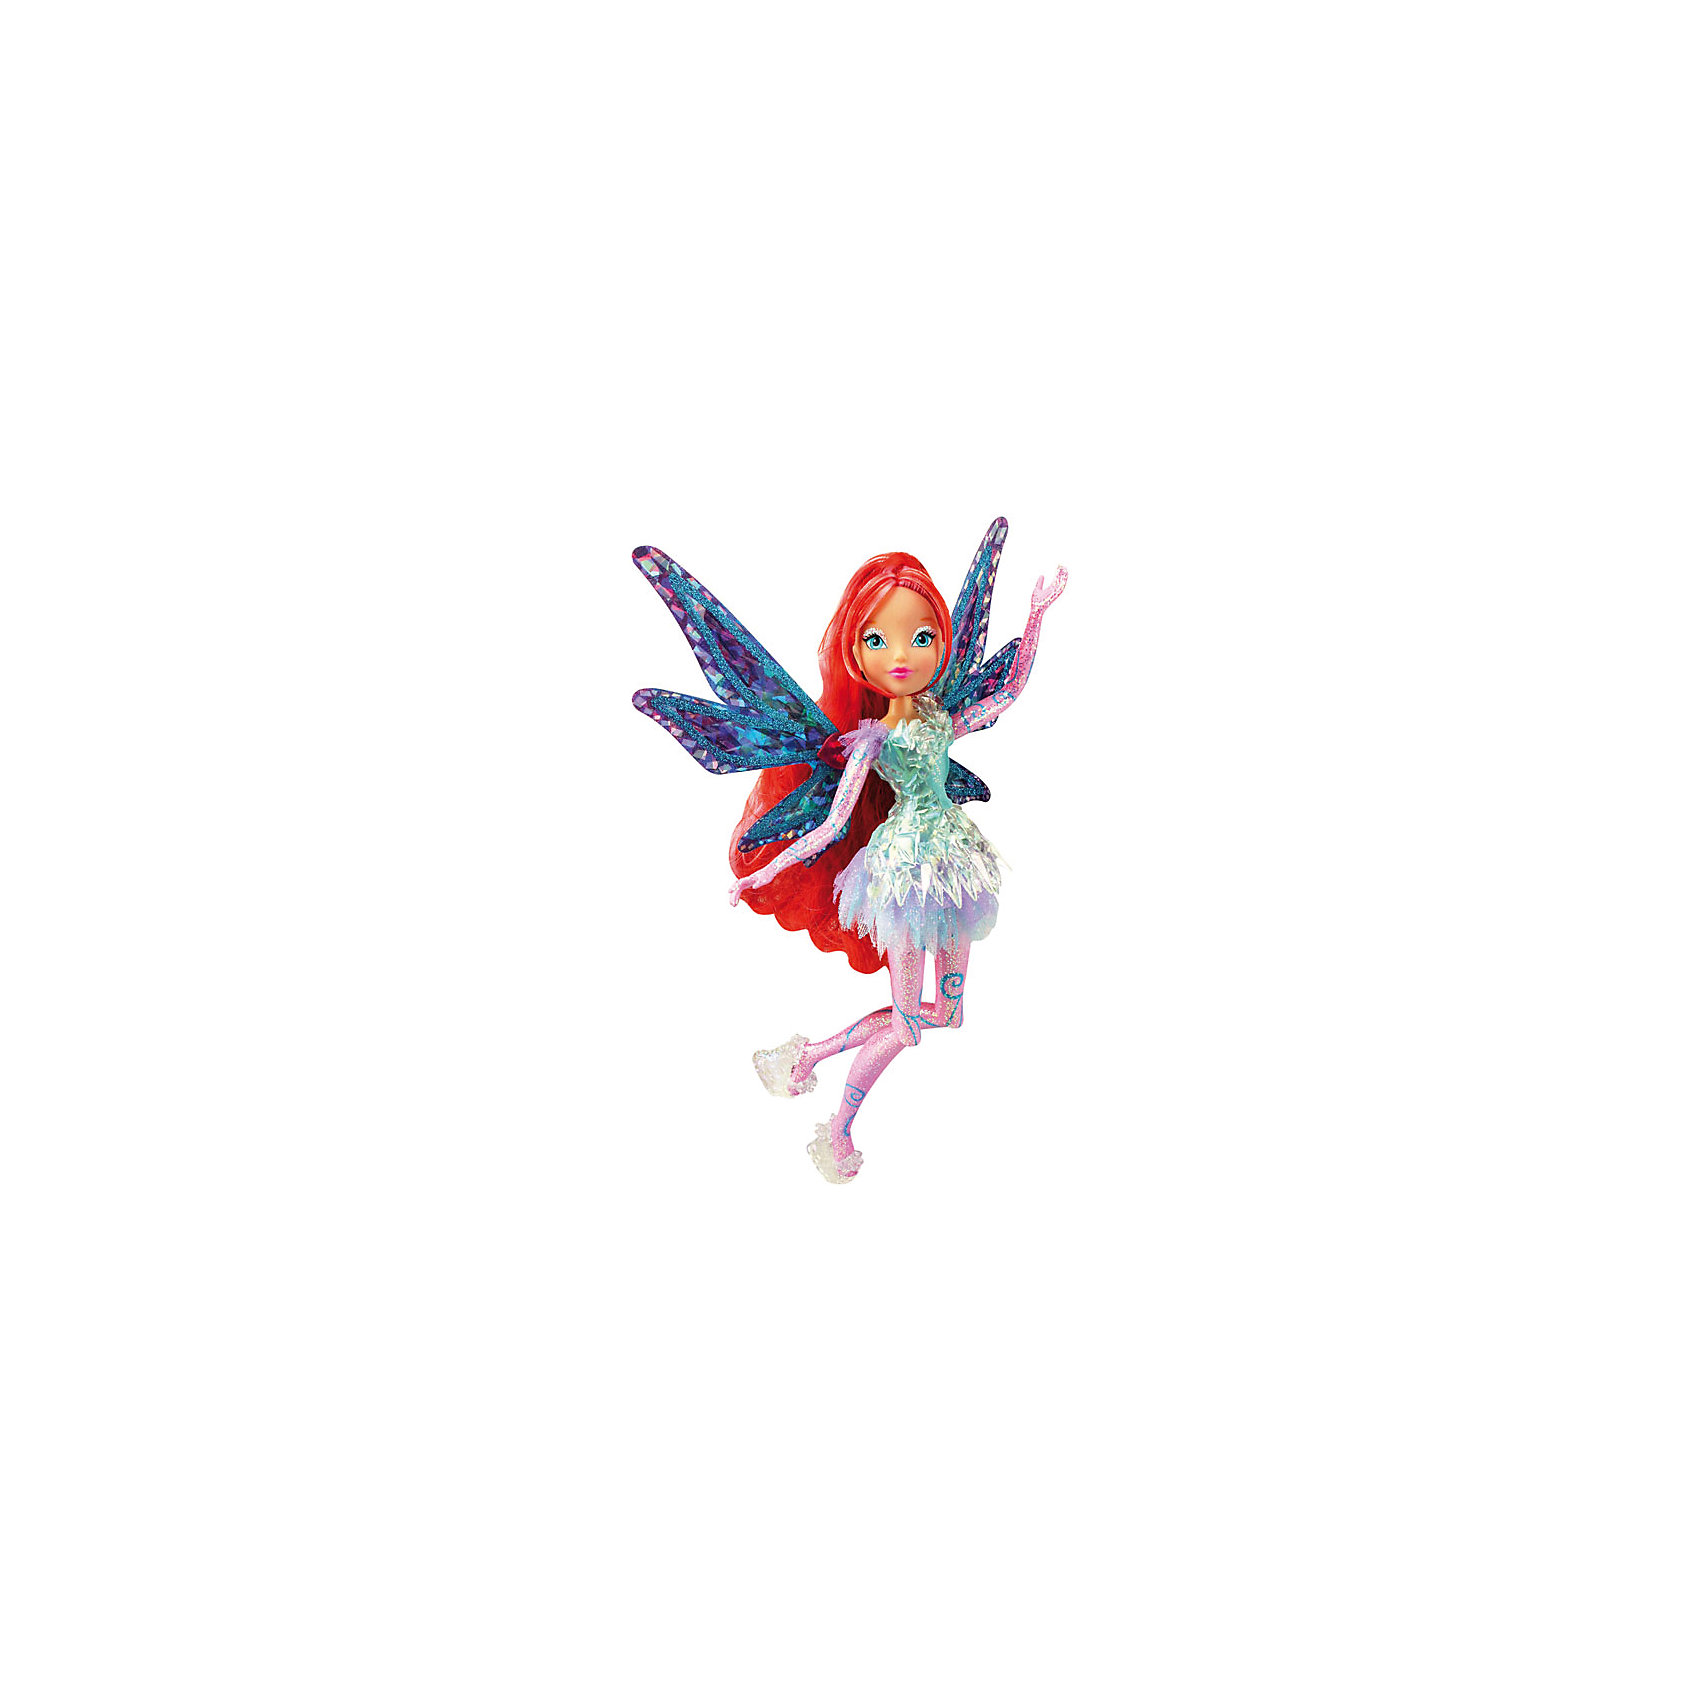 Кукла Блум, Тайникс, Winx ClubБренды кукол<br>Характеристики товара:<br><br>- цвет: разноцветный;<br>- материал: пластик, текстиль;<br>- особенности: руки и ноги сгибаются;<br>- размер упаковки: 25х36х6 см;<br>- размер куклы: 28 см.<br><br>Такие красивые куклы не оставят ребенка равнодушным! Какая девочка откажется поиграть с куклой Winx ?! Игрушка отлично детализирована, очень качественно выполнена, поэтому она станет отличным подарком ребенку. В наборе идут одежда и аксессуары, которыми можно украсить куклу!<br>Изделие произведено из высококачественного материала, безопасного для детей.<br><br>Куклу Блум, Тайникс, от бренда Winx Club можно купить в нашем интернет-магазине.<br><br>Ширина мм: 60<br>Глубина мм: 250<br>Высота мм: 360<br>Вес г: 425<br>Возраст от месяцев: 36<br>Возраст до месяцев: 2147483647<br>Пол: Женский<br>Возраст: Детский<br>SKU: 5047563